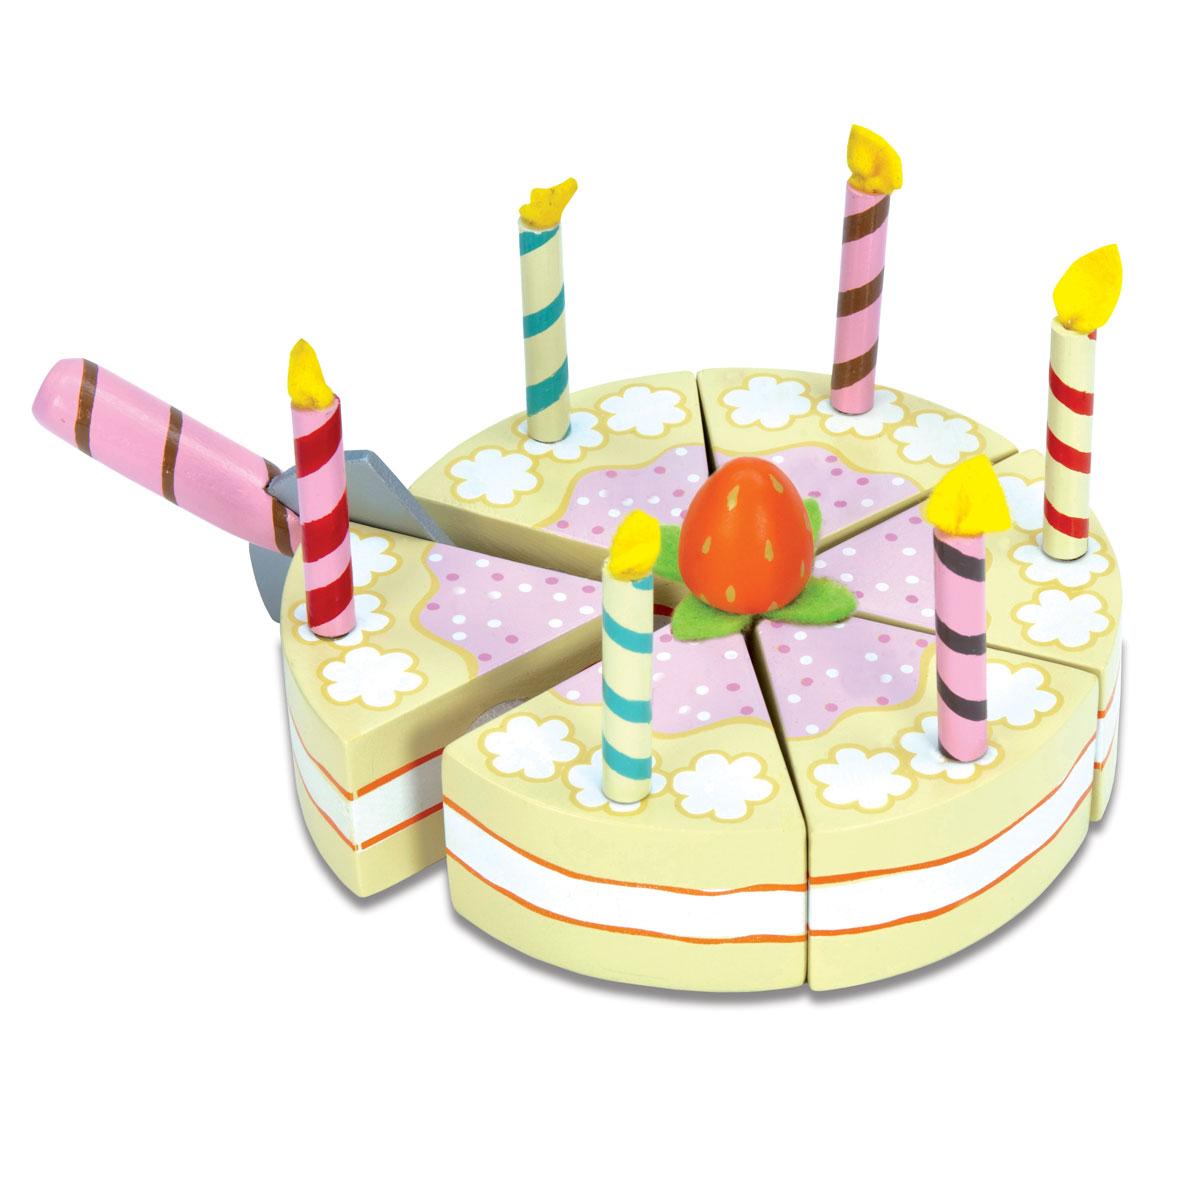 Le toy van g teau d 39 anniversaire la vanille tv273 pirum for Toy van cuisine